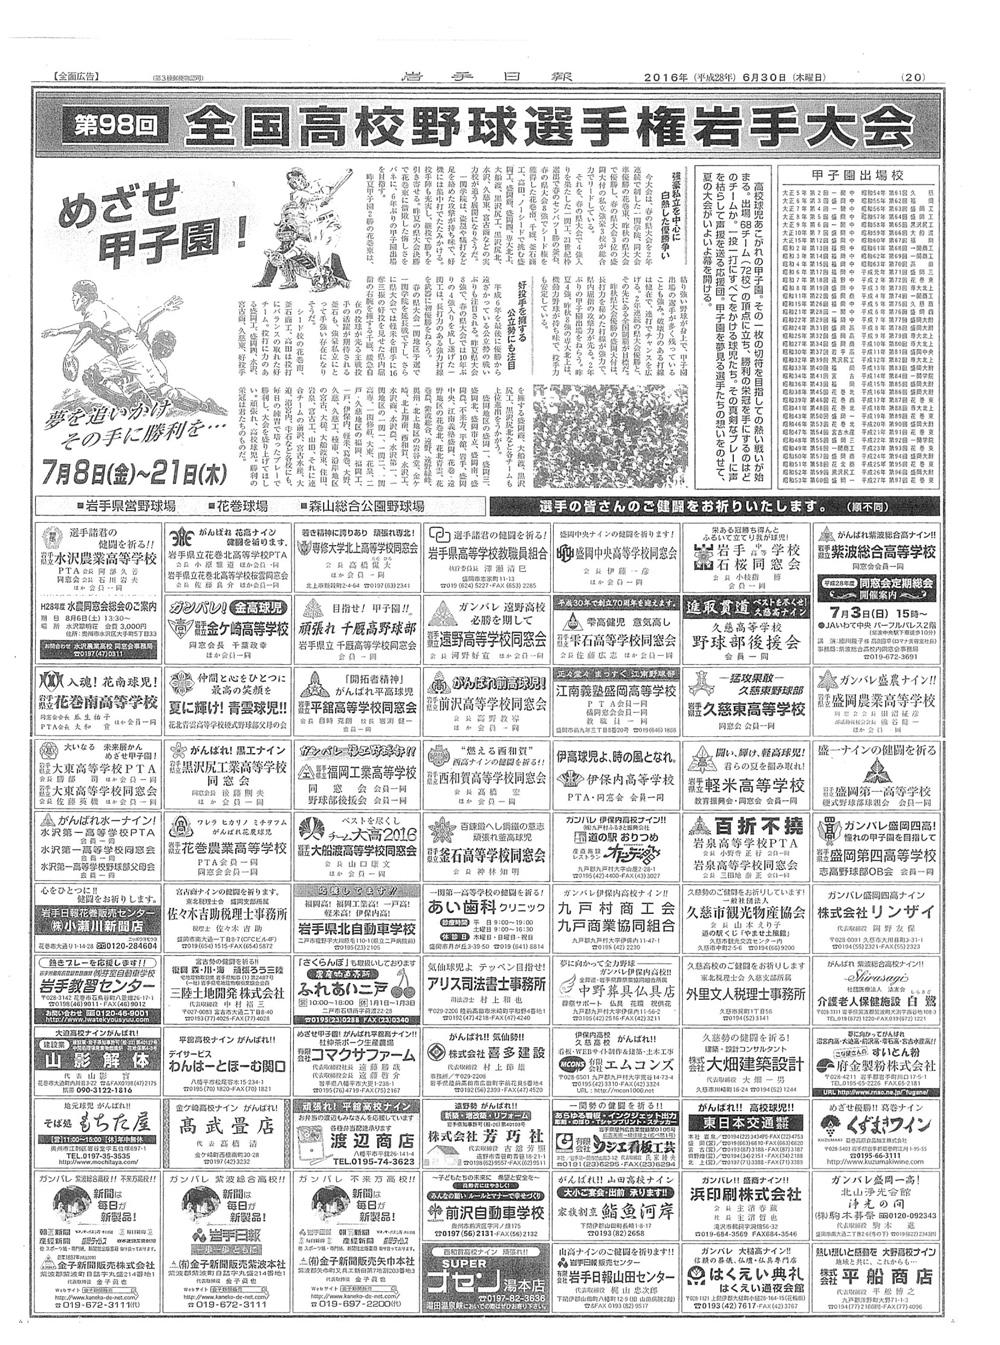 岩手日報連合広告一覧